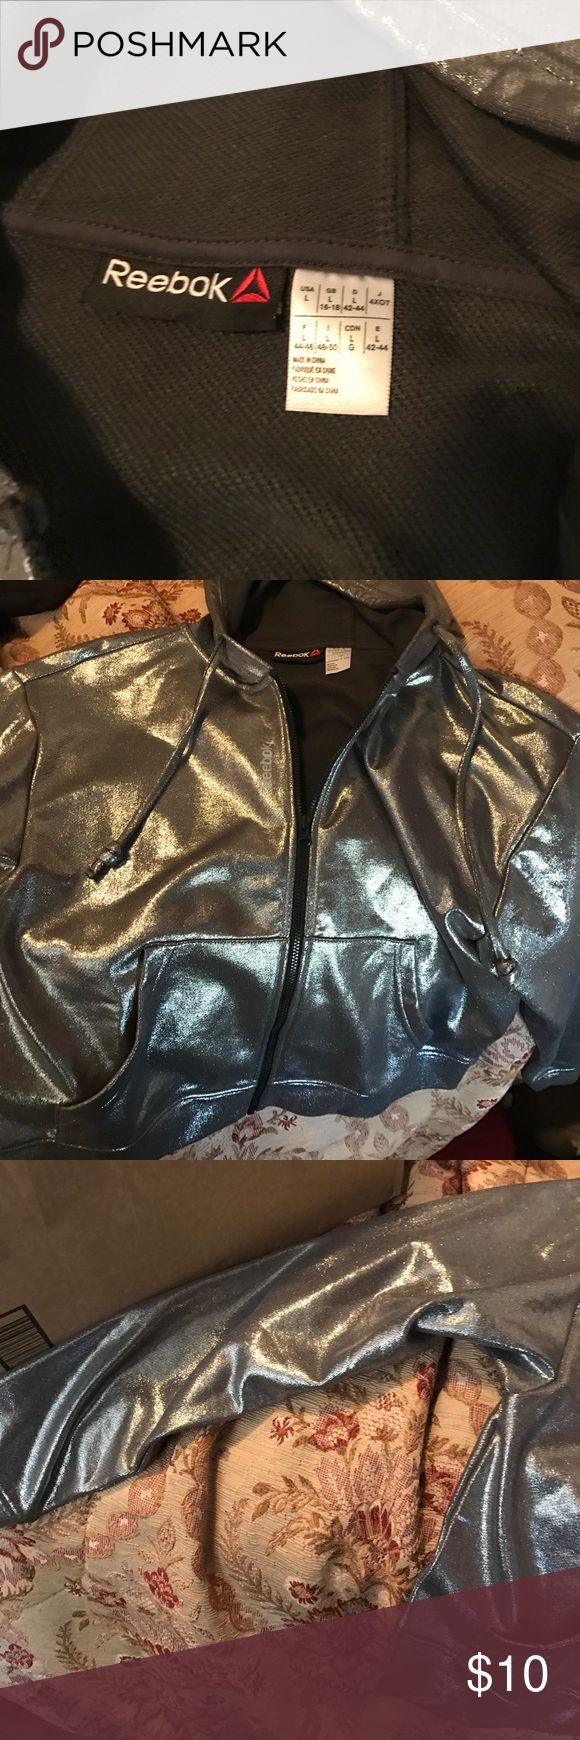 Reebok Silver Hoodie Brand New Size large Tops Sweatshirts & Hoodies